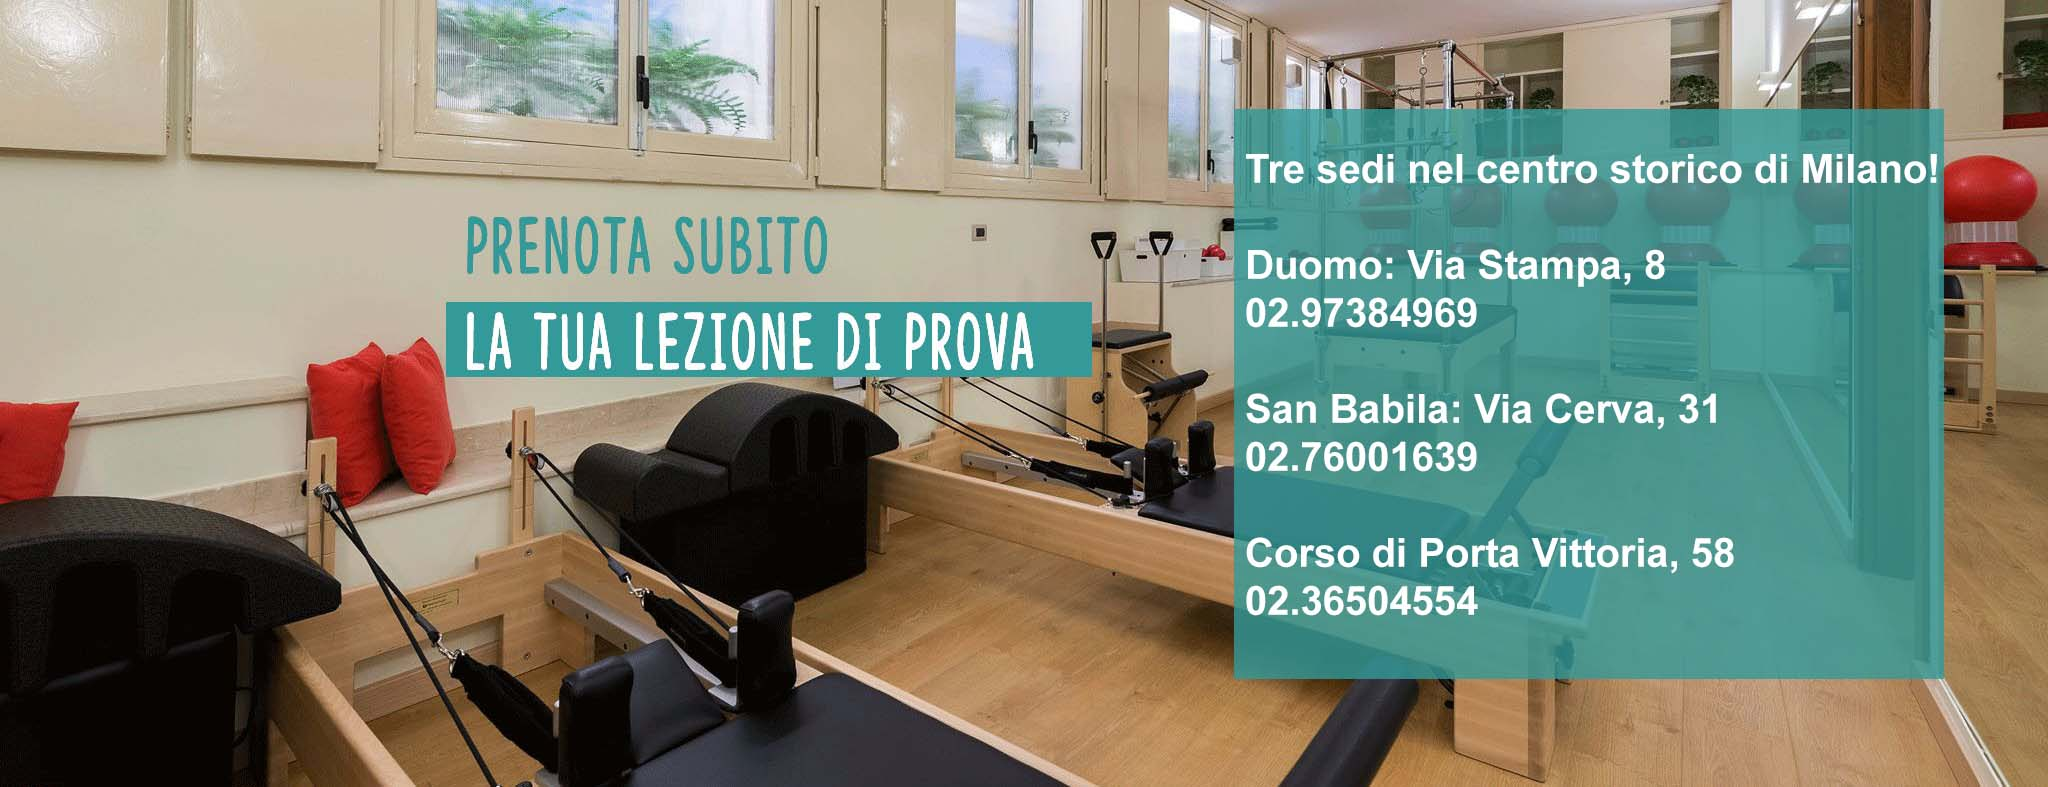 Corsi Di Pilates Cusago - Prenota subito la tua lezione di prova